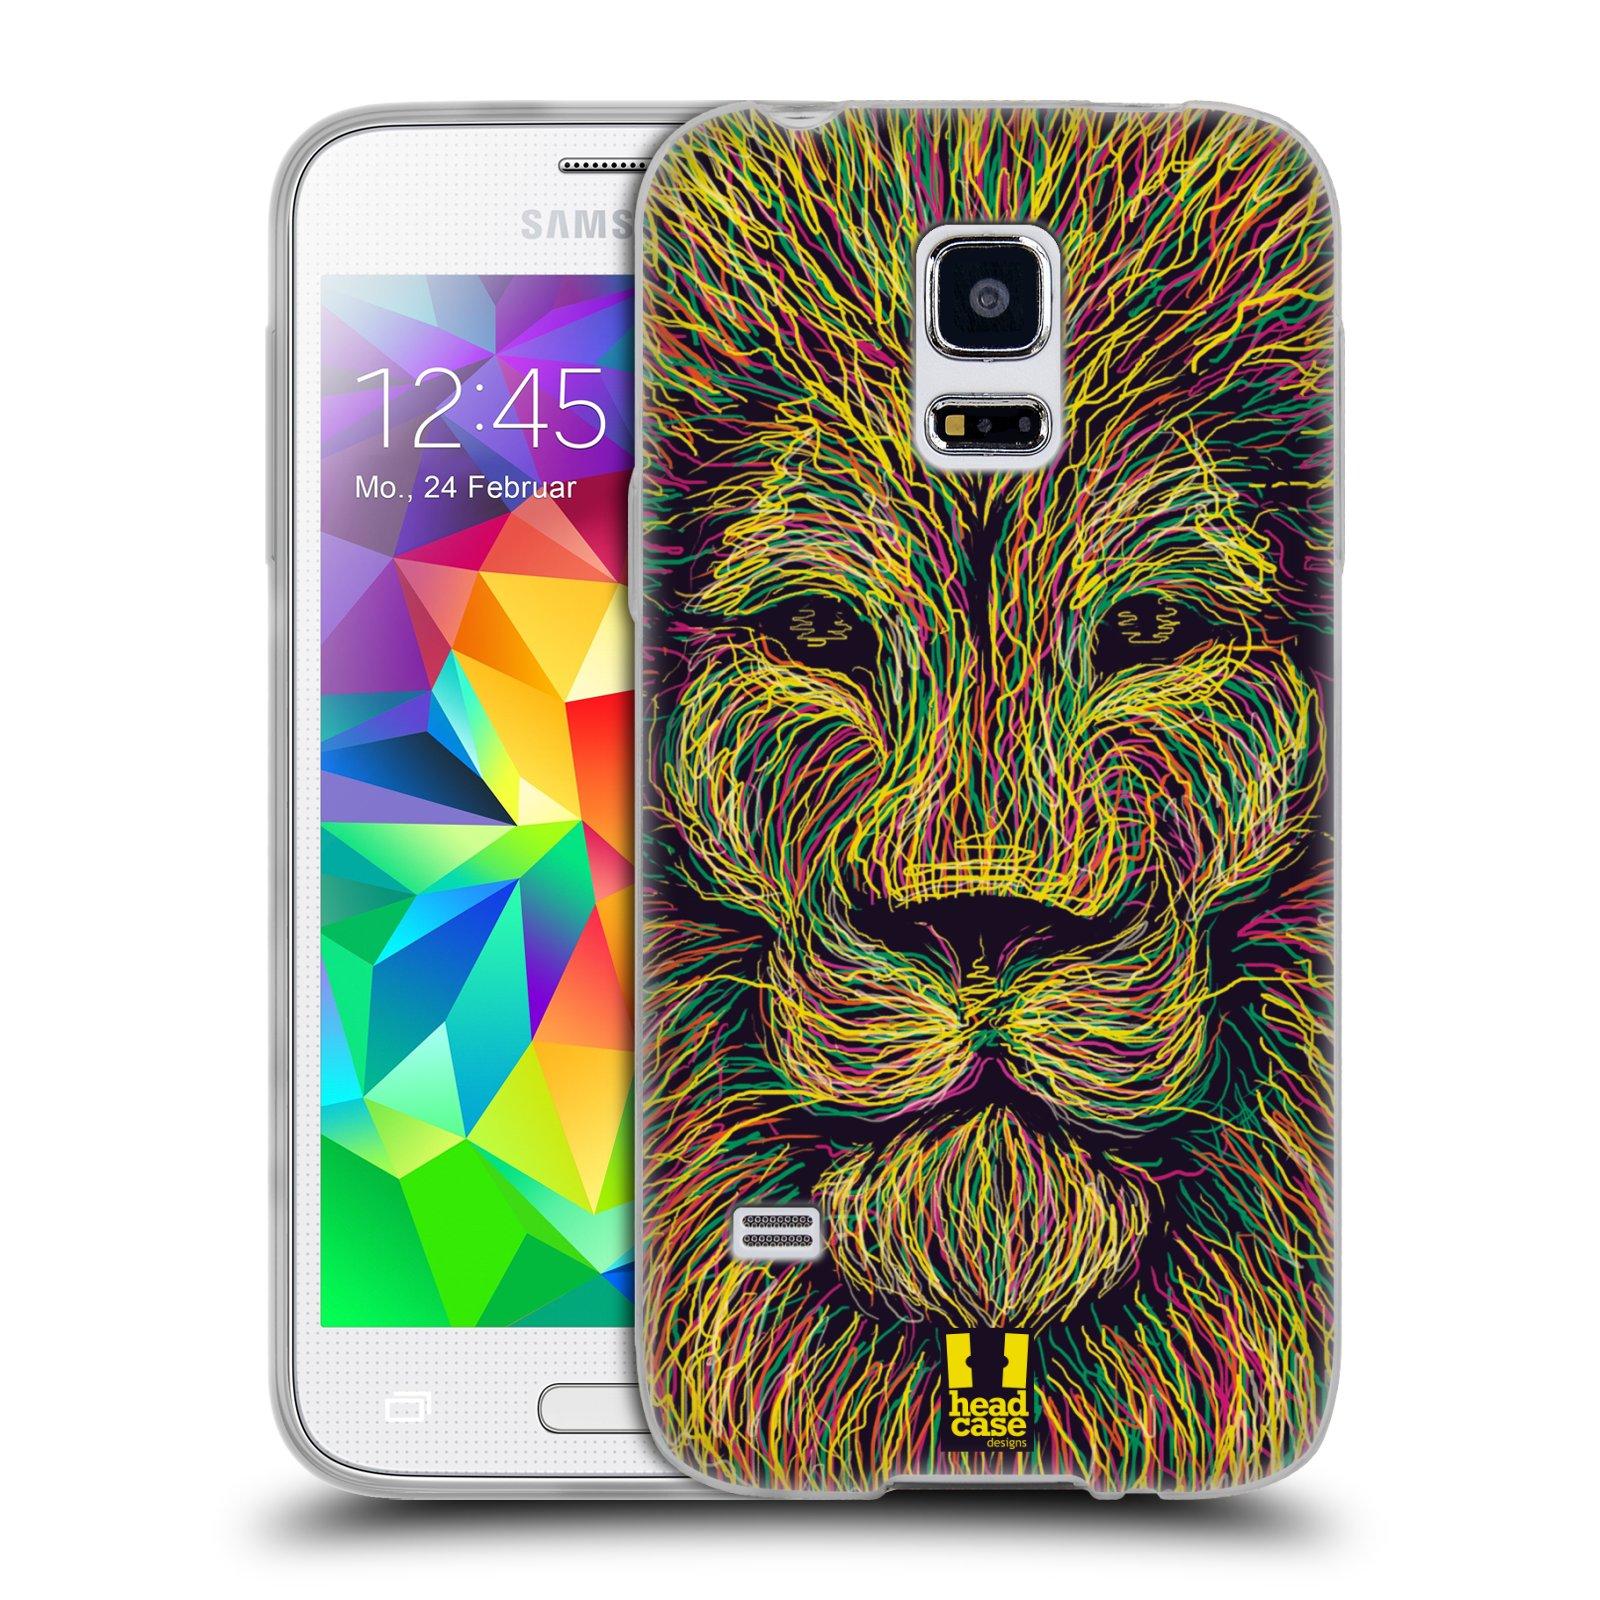 HEAD CASE silikonový obal na mobil Samsung Galaxy S5 MINI vzor zvíře čmáranice lev